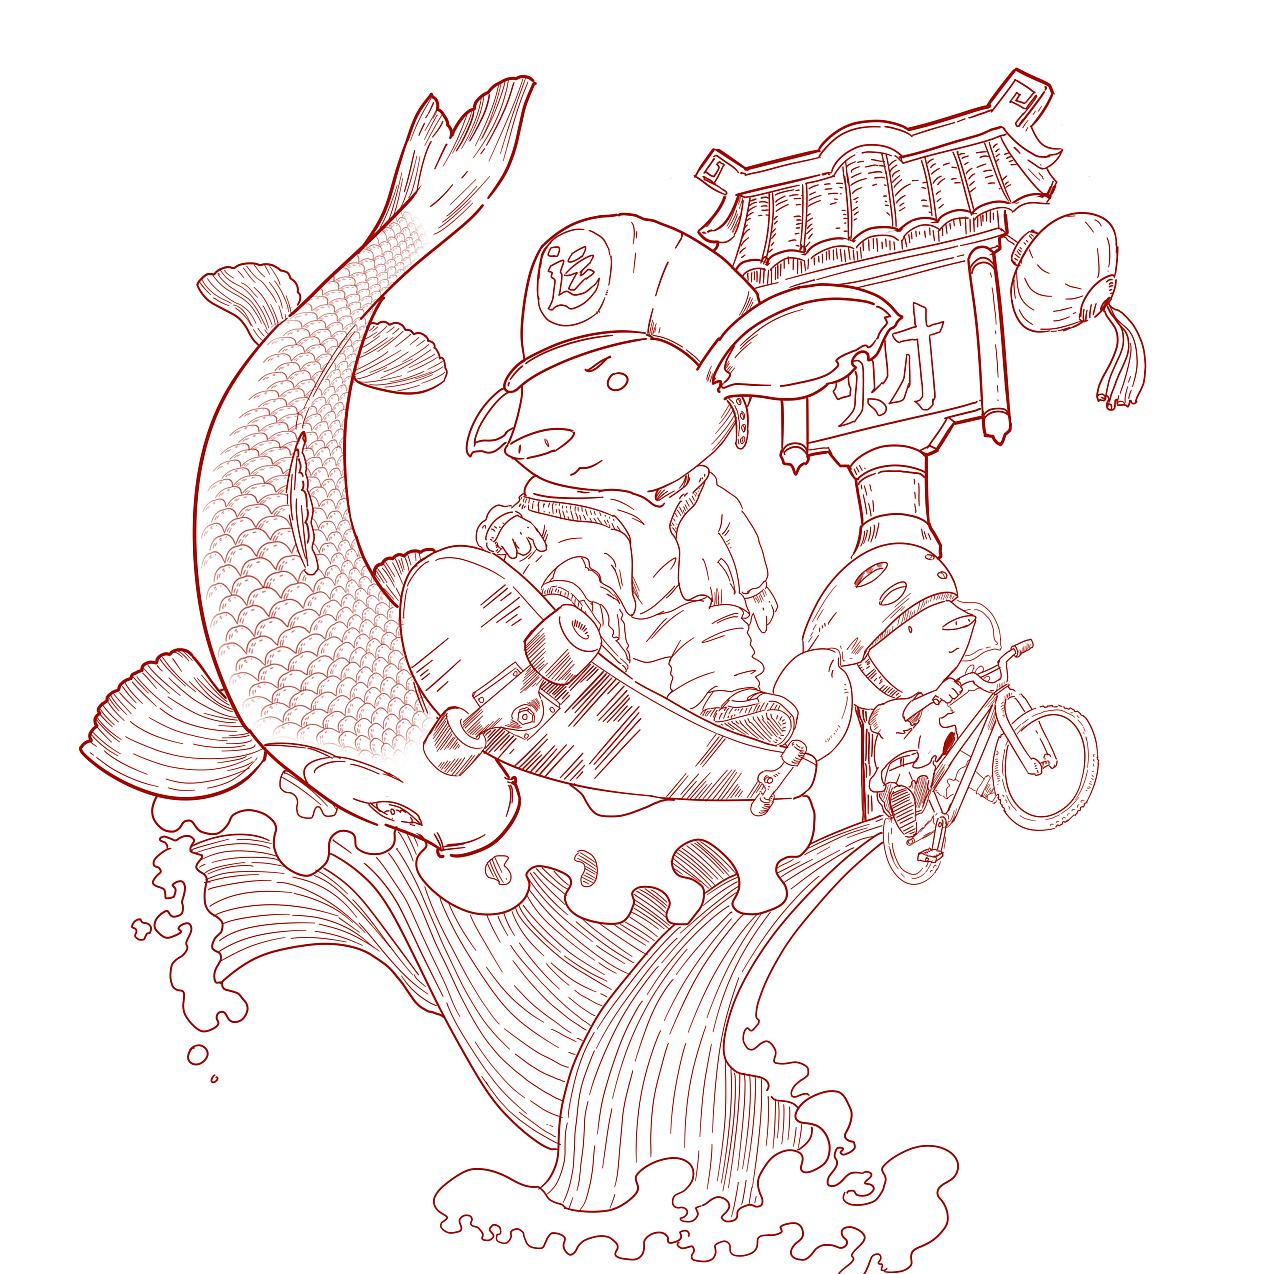 猪年主题插画两枚图片